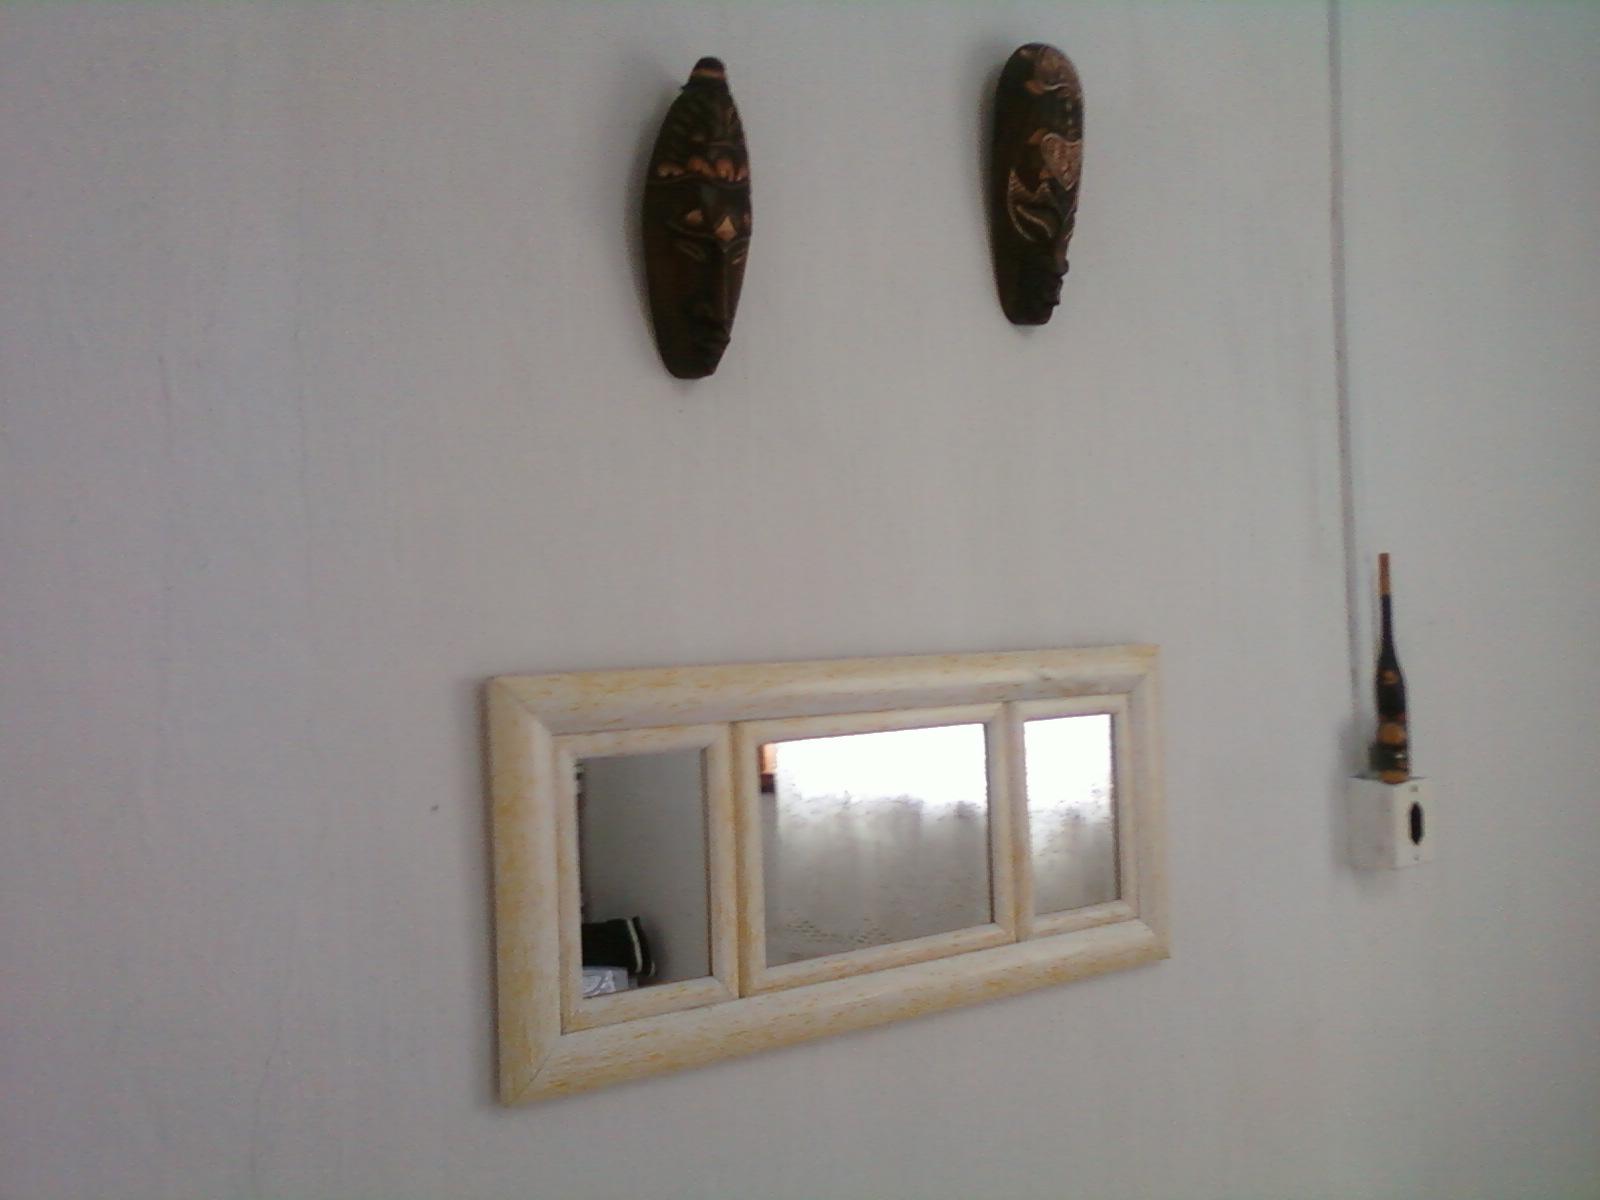 decoracao alternativa e barata para quarto: de fotografar e postar a decoração barata que fiz para o meu quarto